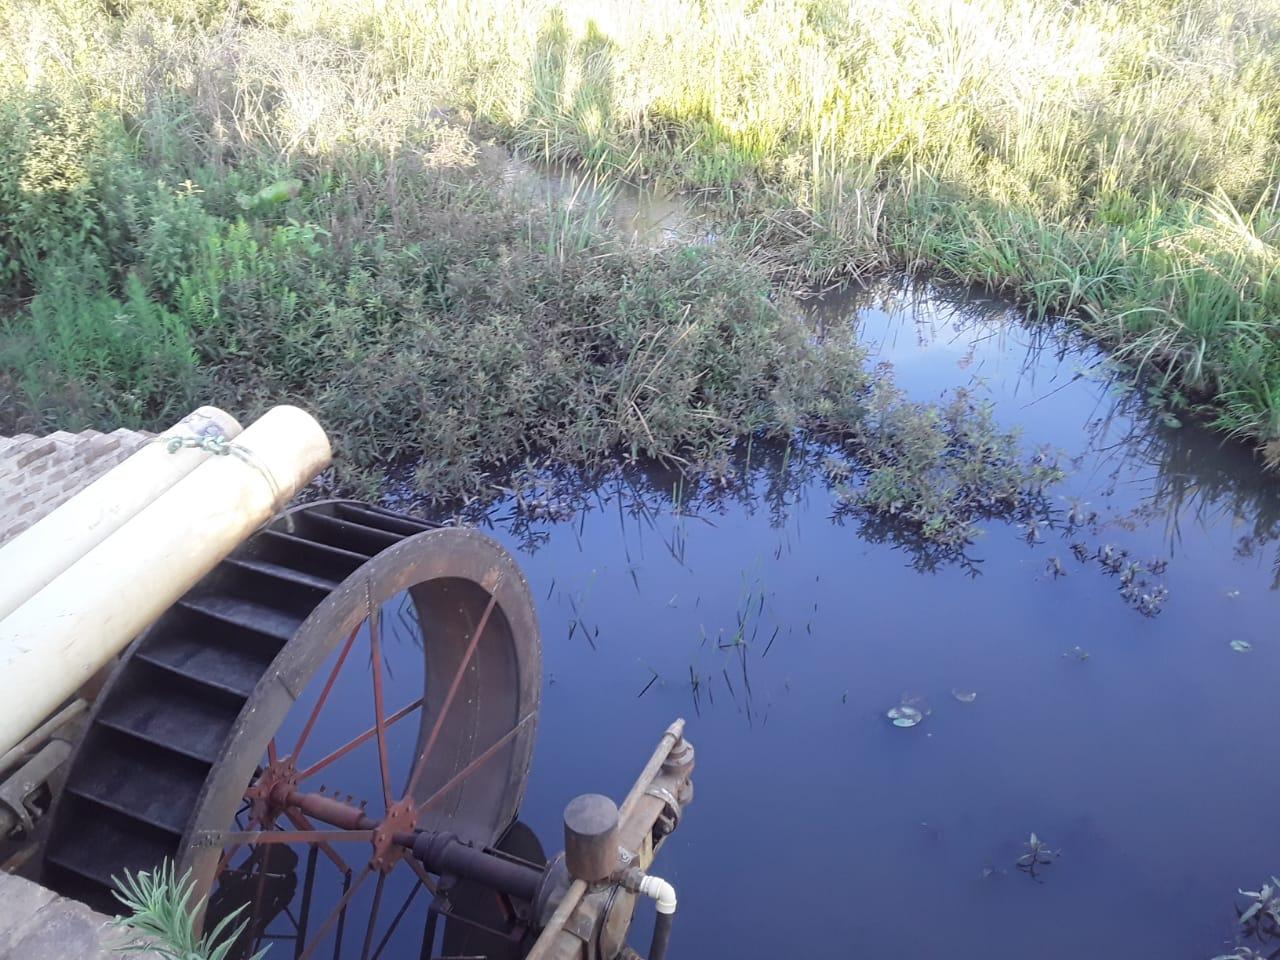 Este molino de agua en la hacienda ganadera era usado para enviar agua hacia potreros para el ganado. Foto: Gobierno Departamental de Santa Cruz.